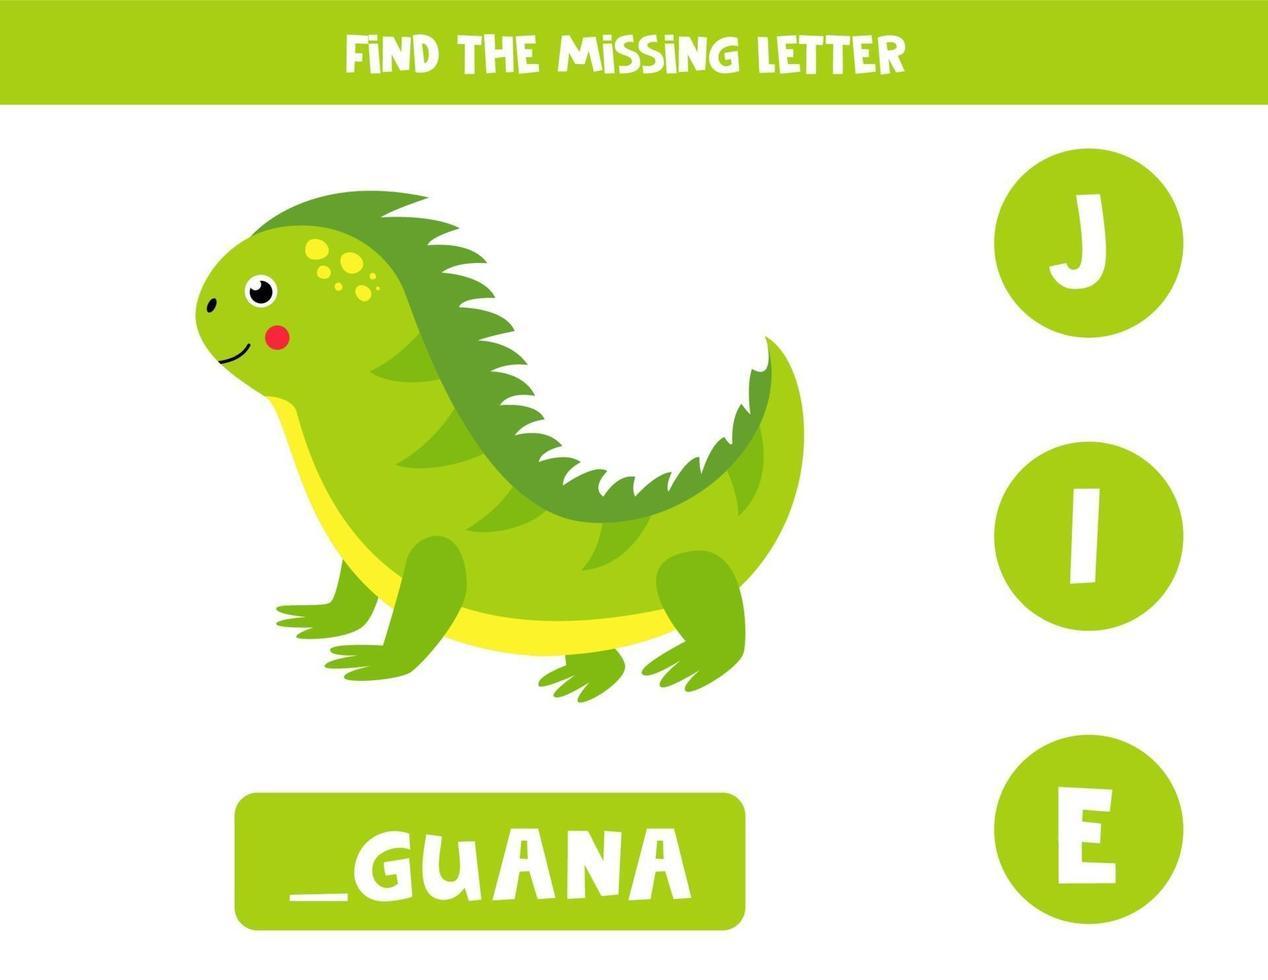 hitta saknat brev och skriv ner det. söt leguan. vektor